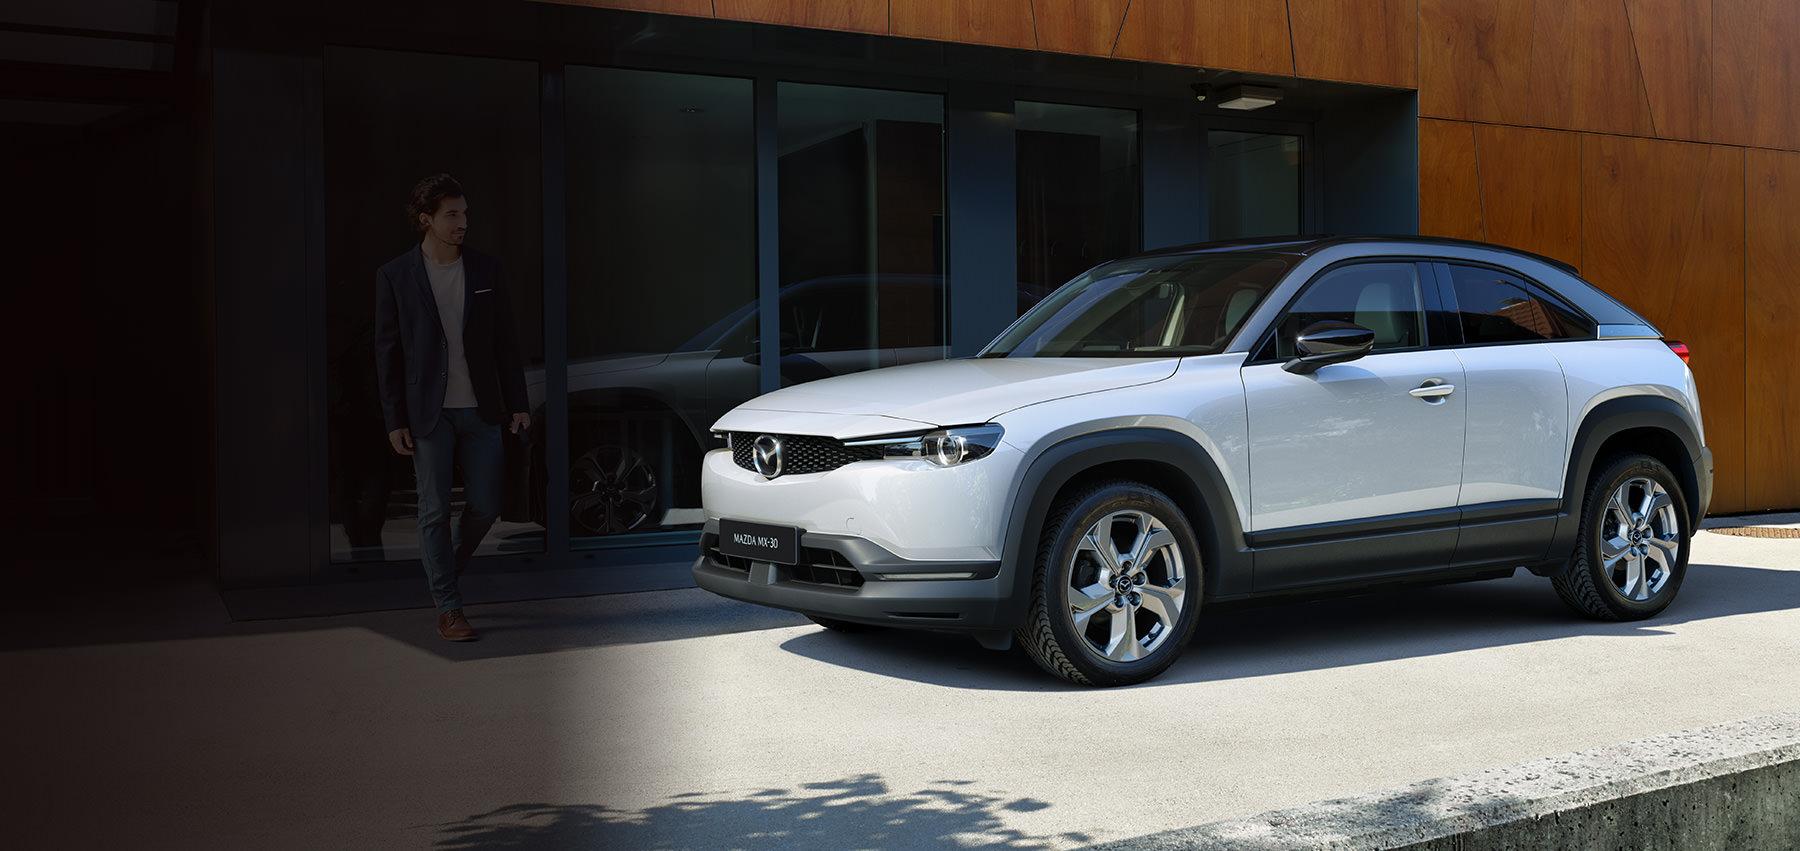 Helt nya, helt elektriska Mazda